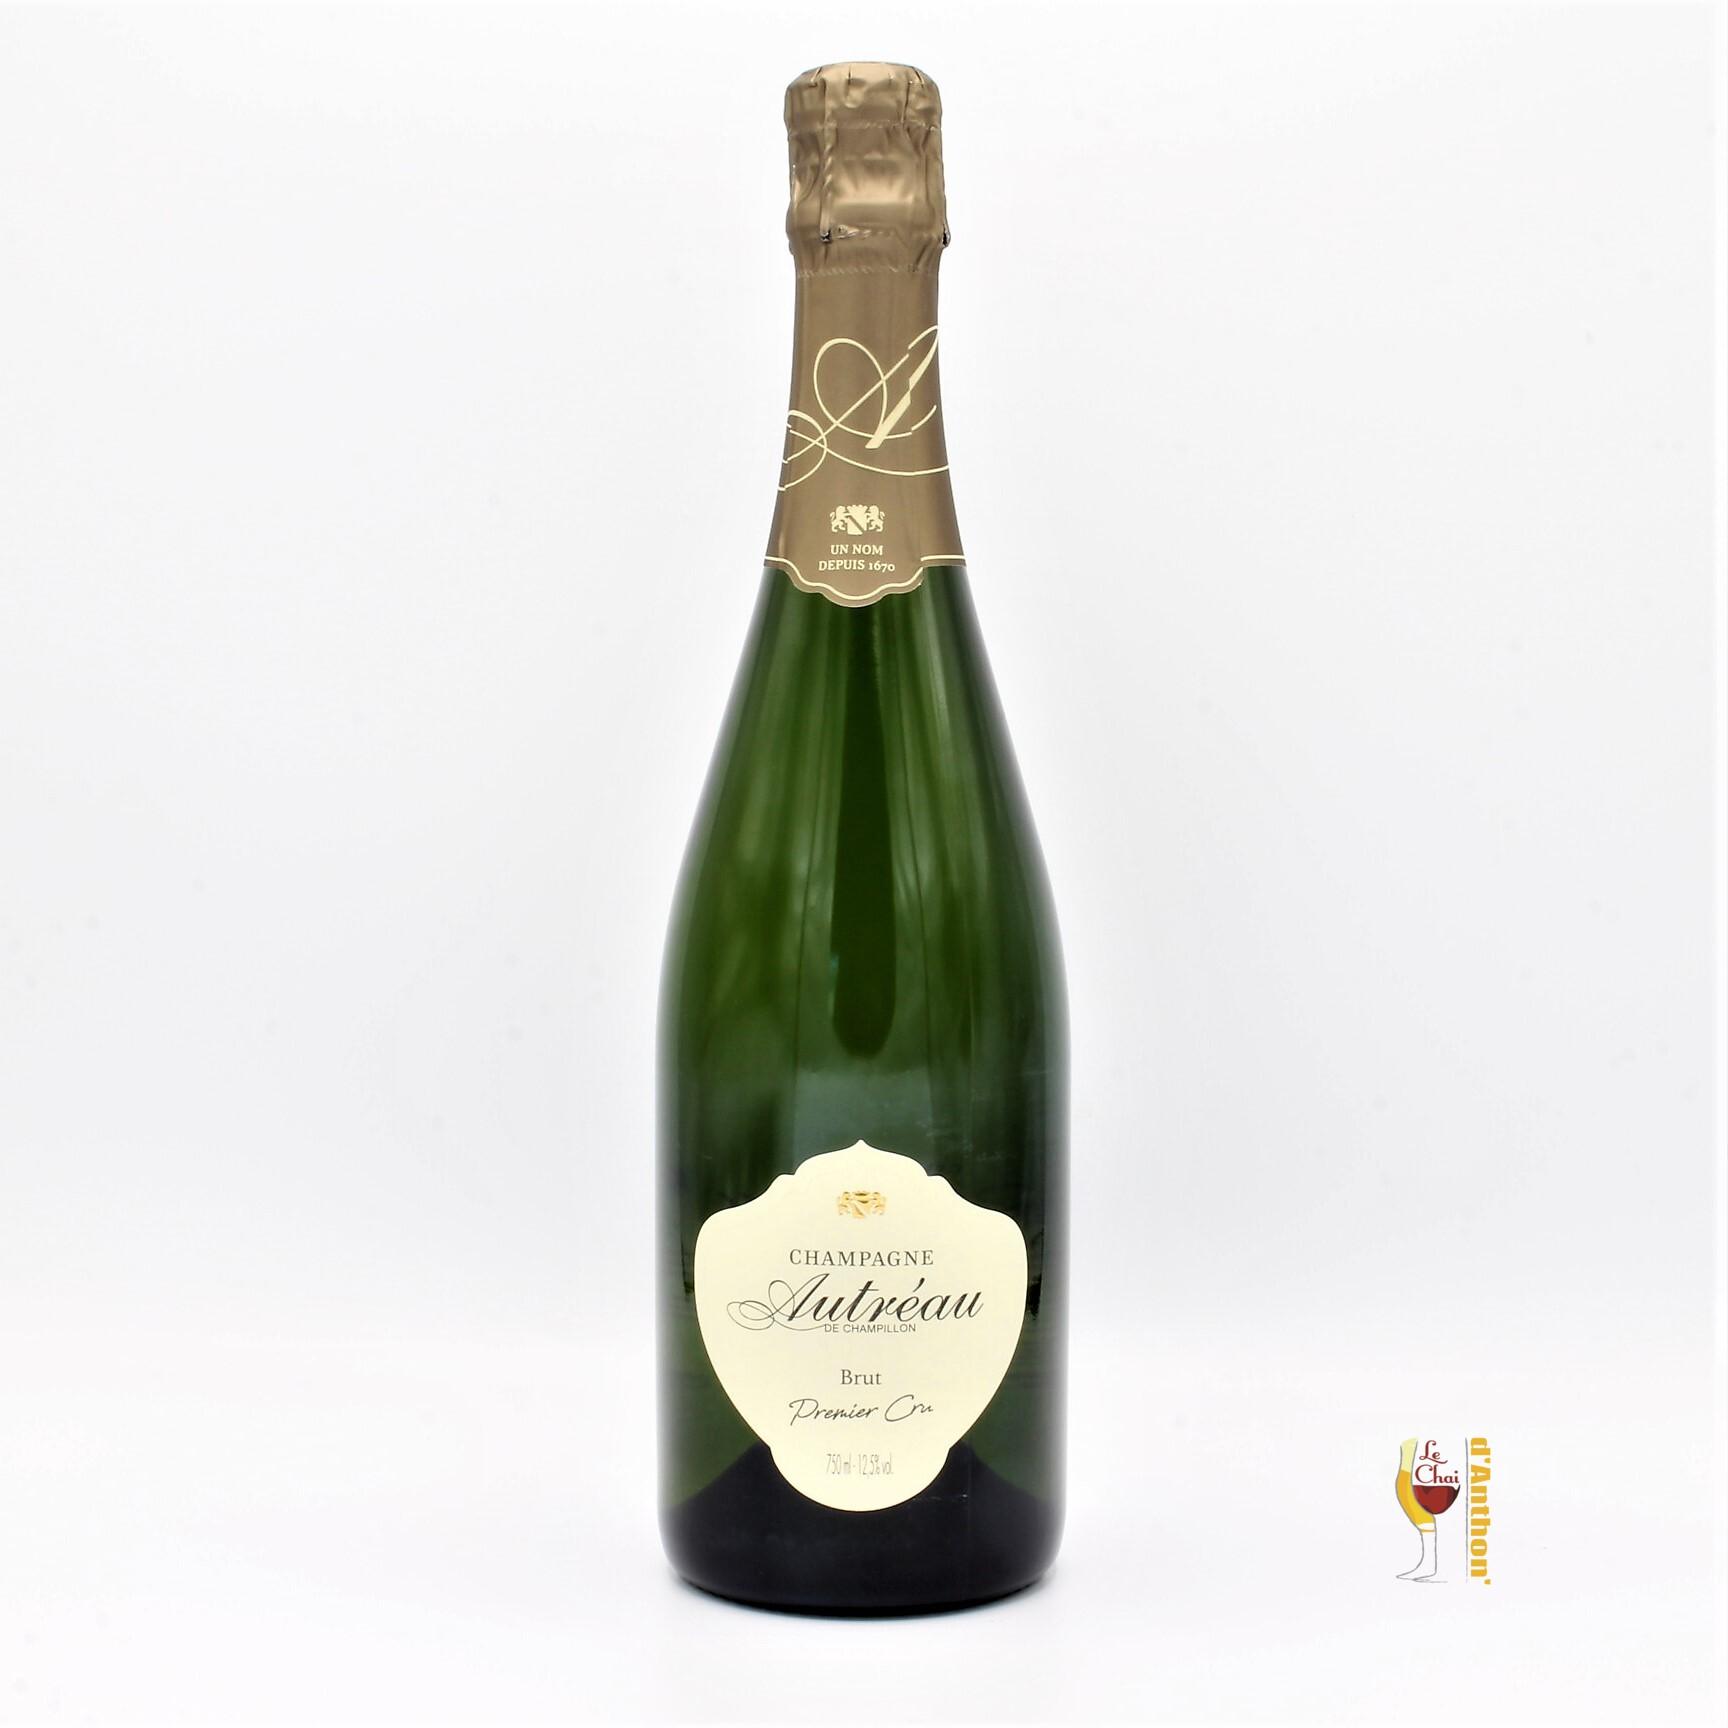 Vin Effervescent Bouteille Champagne Brut Autreau 75cl